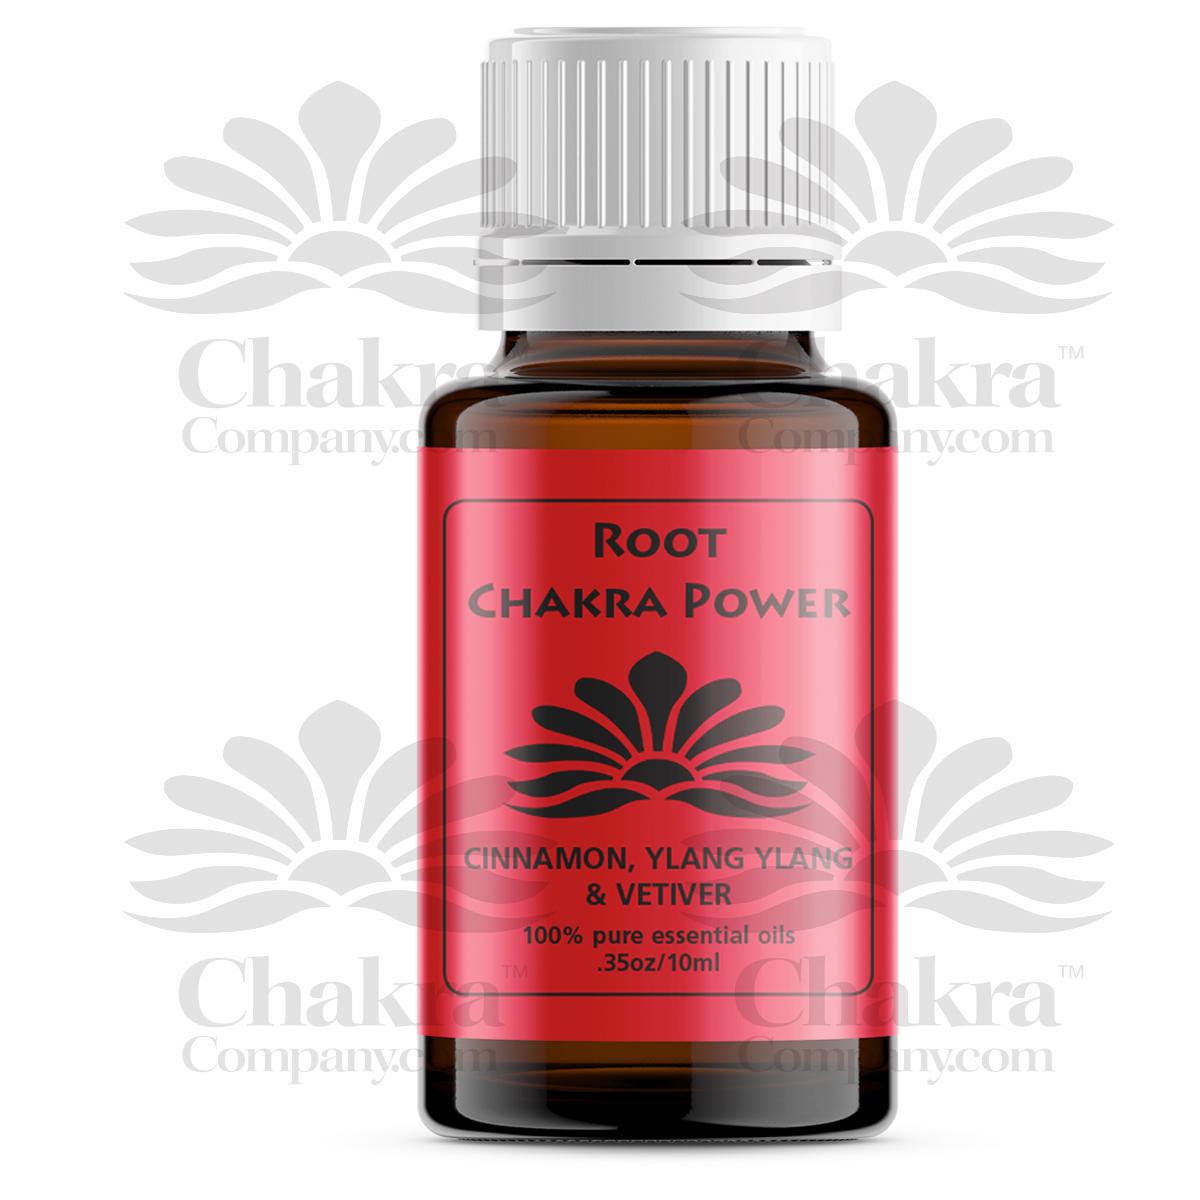 Root Chakra Power